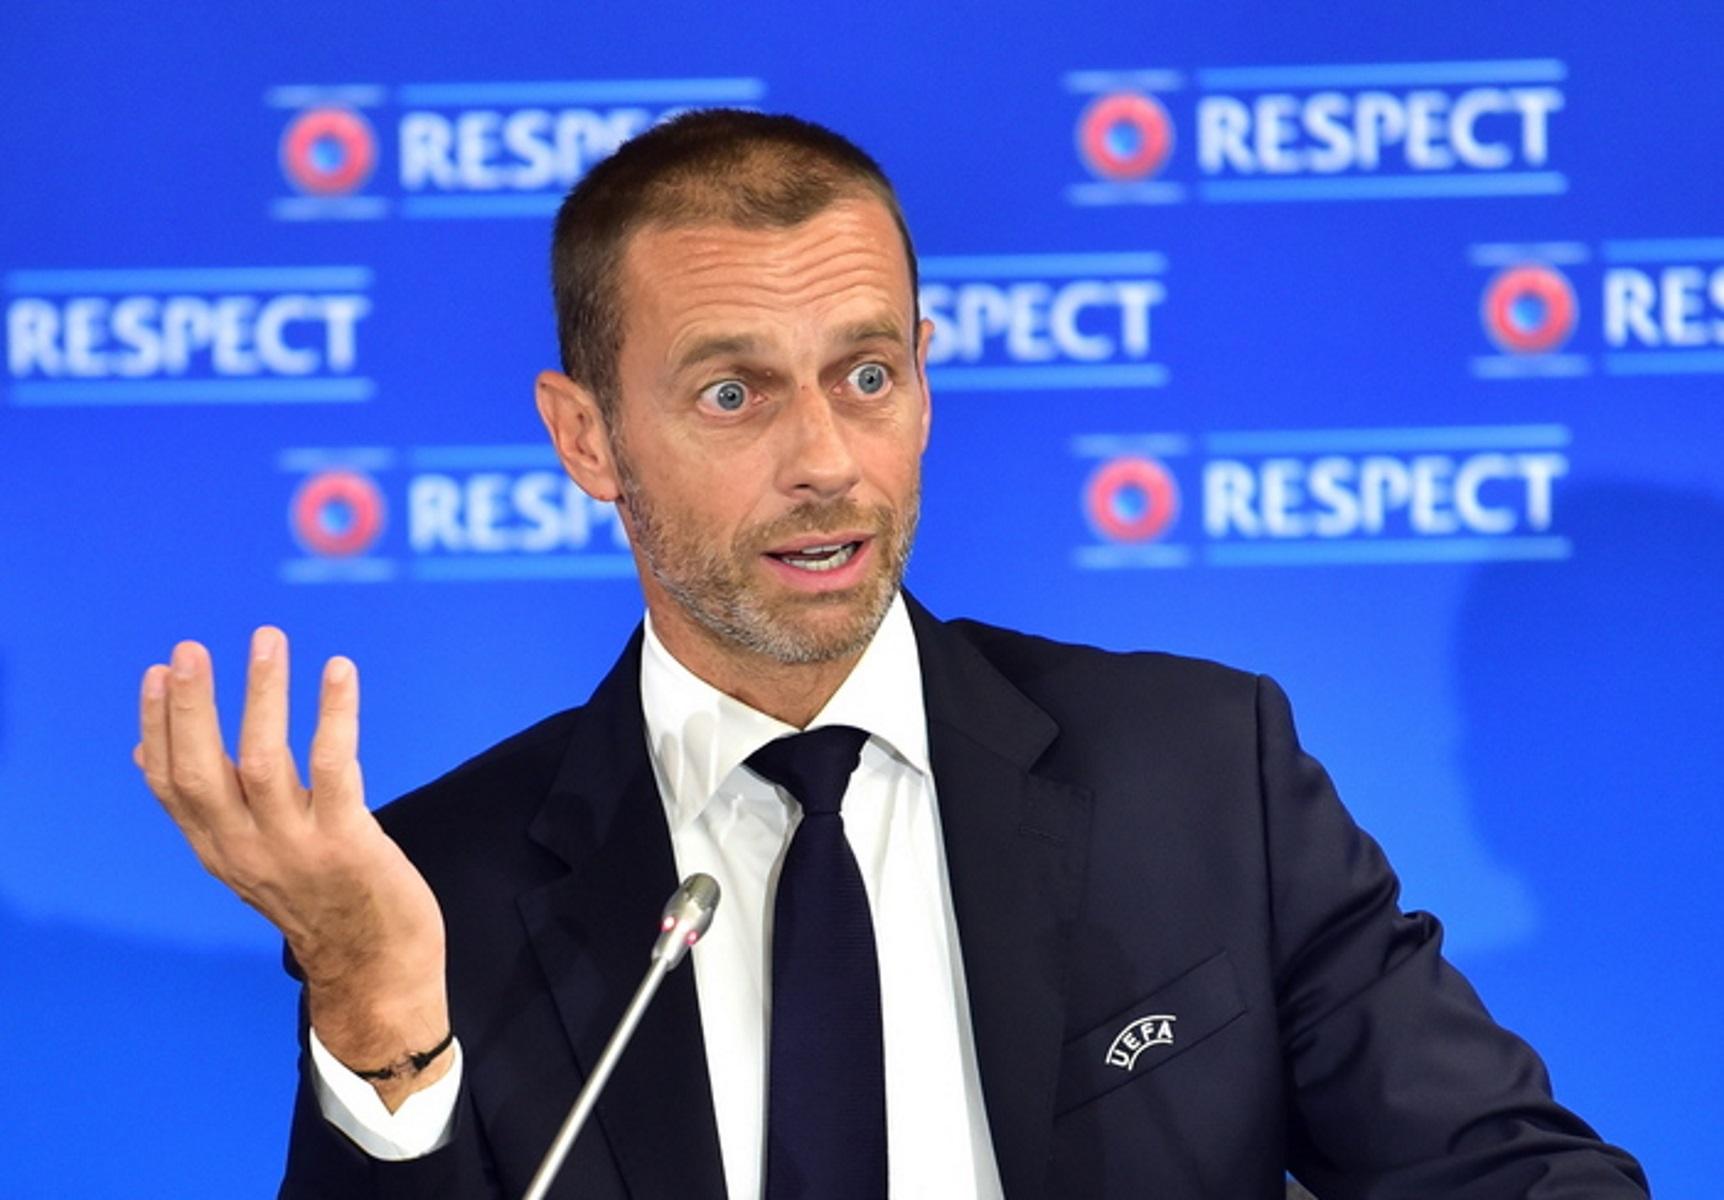 Συναντήθηκαν Γεραπετρίτης – Τσέφεριν! Έρχεται στην Ελλάδα ο πρόεδρος της UEFA μετά από πρόσκληση του Μητσοτάκη